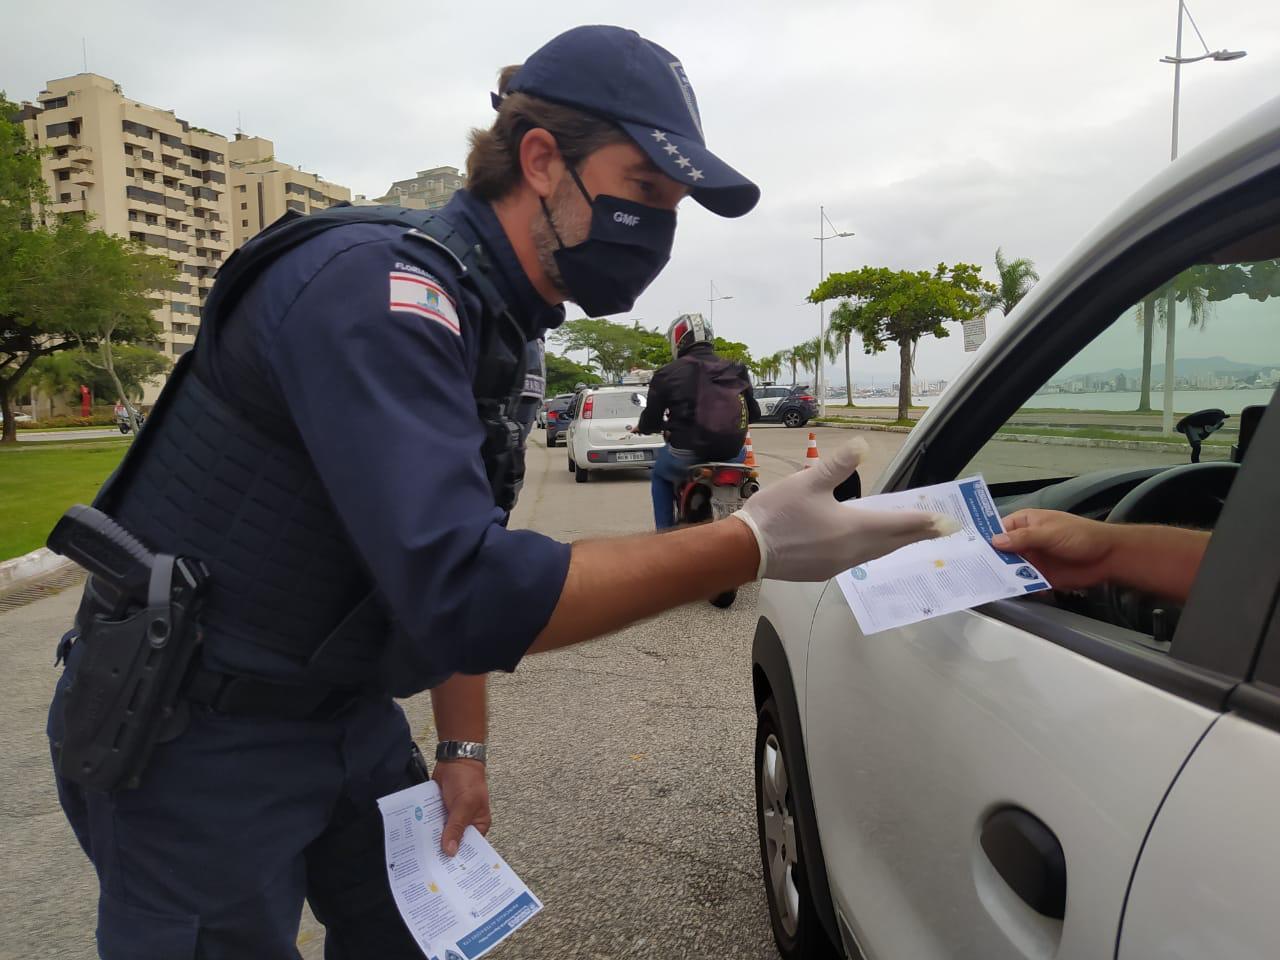 Mudanças na Legislação: GMF realiza blitz educativa sobre alterações no Código de Trânsito Brasileiro